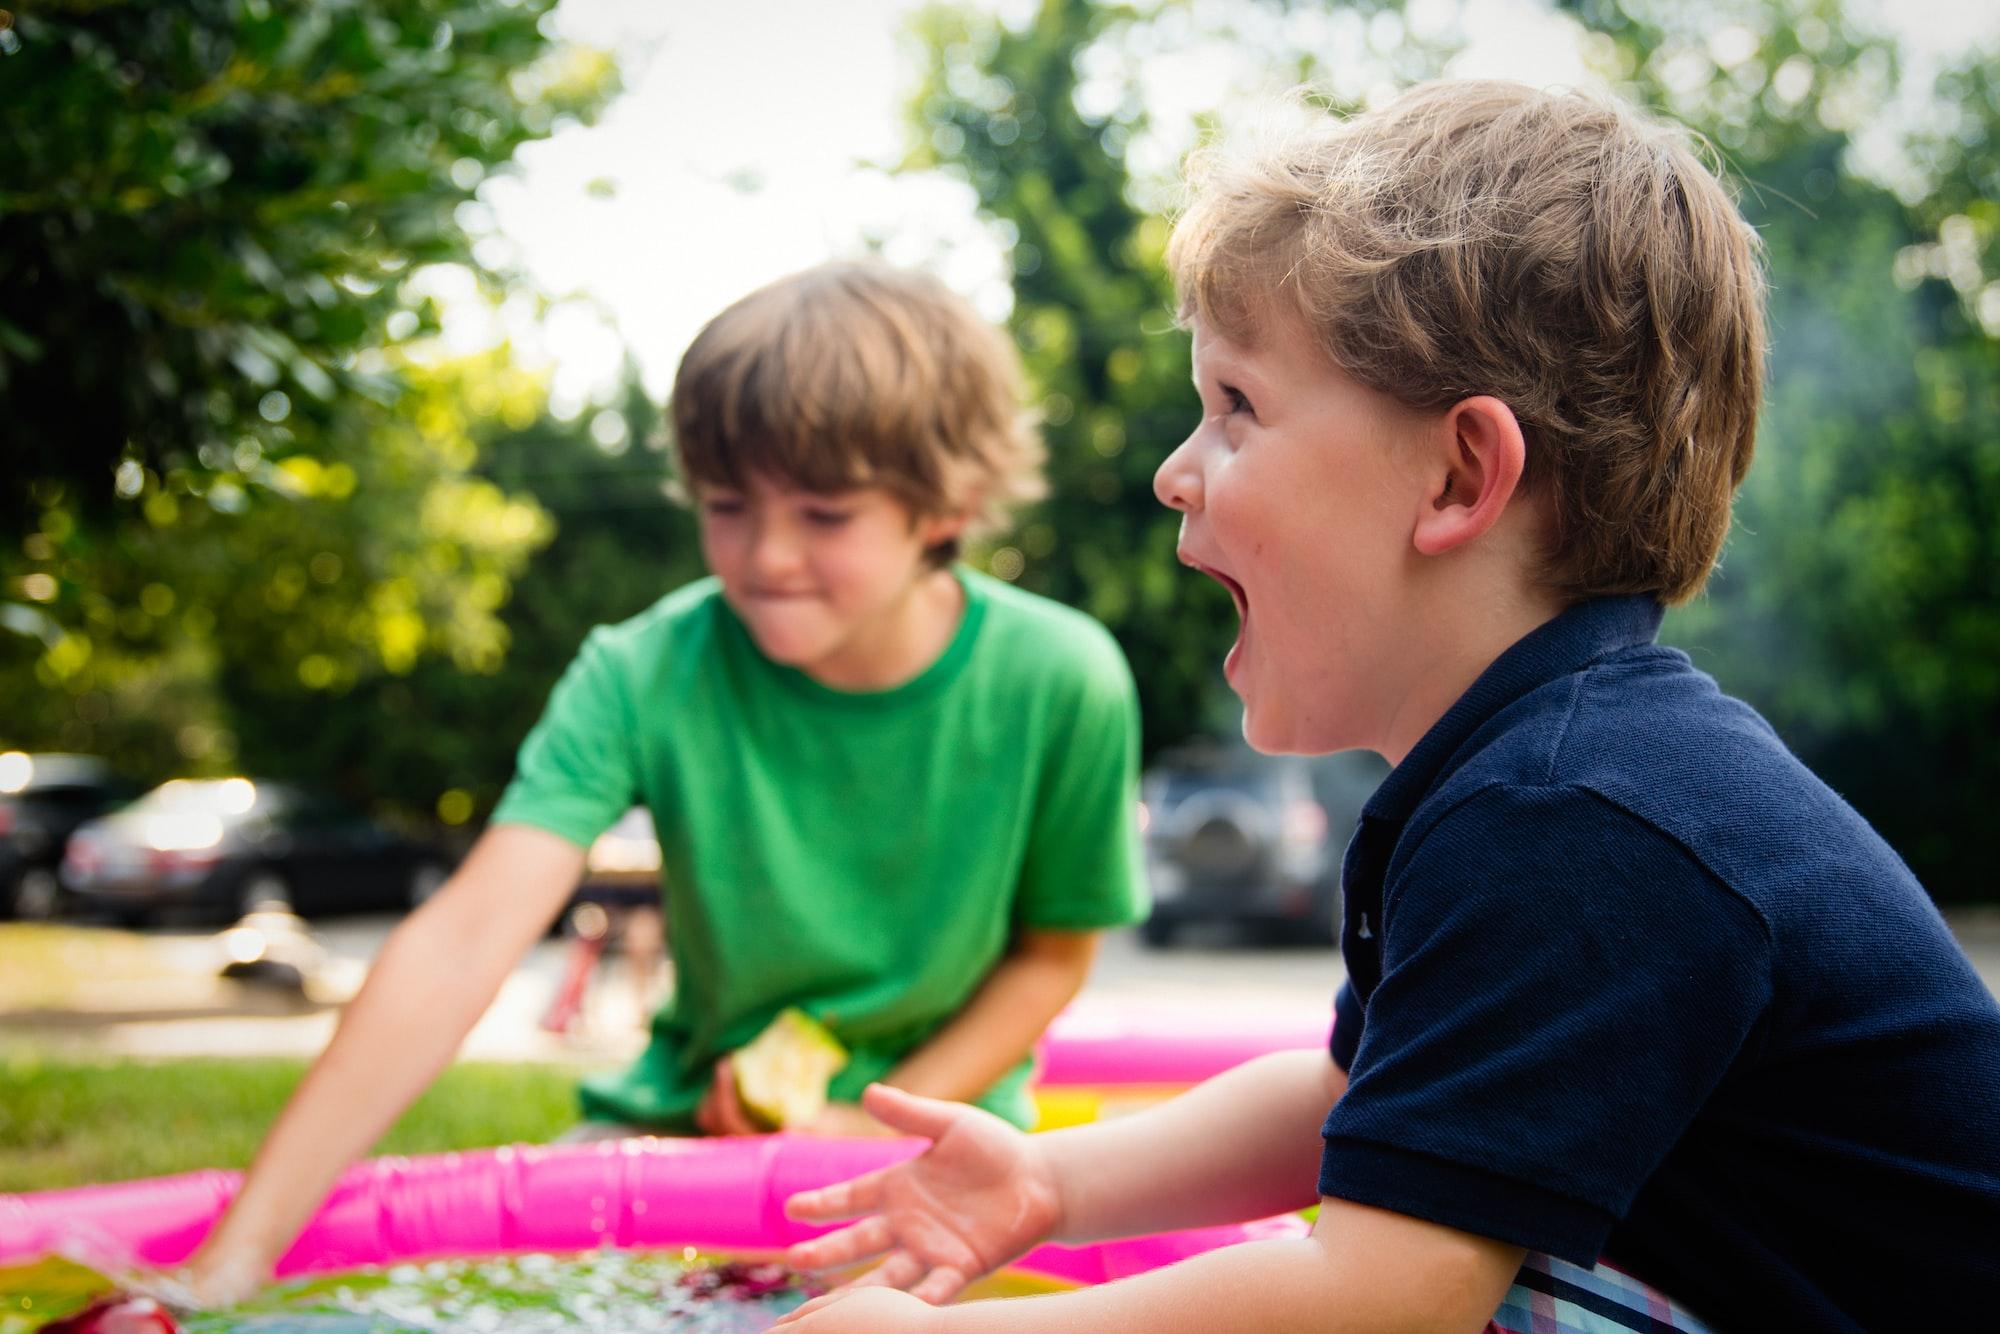 Juegos para niños en casa durante la cuarentena